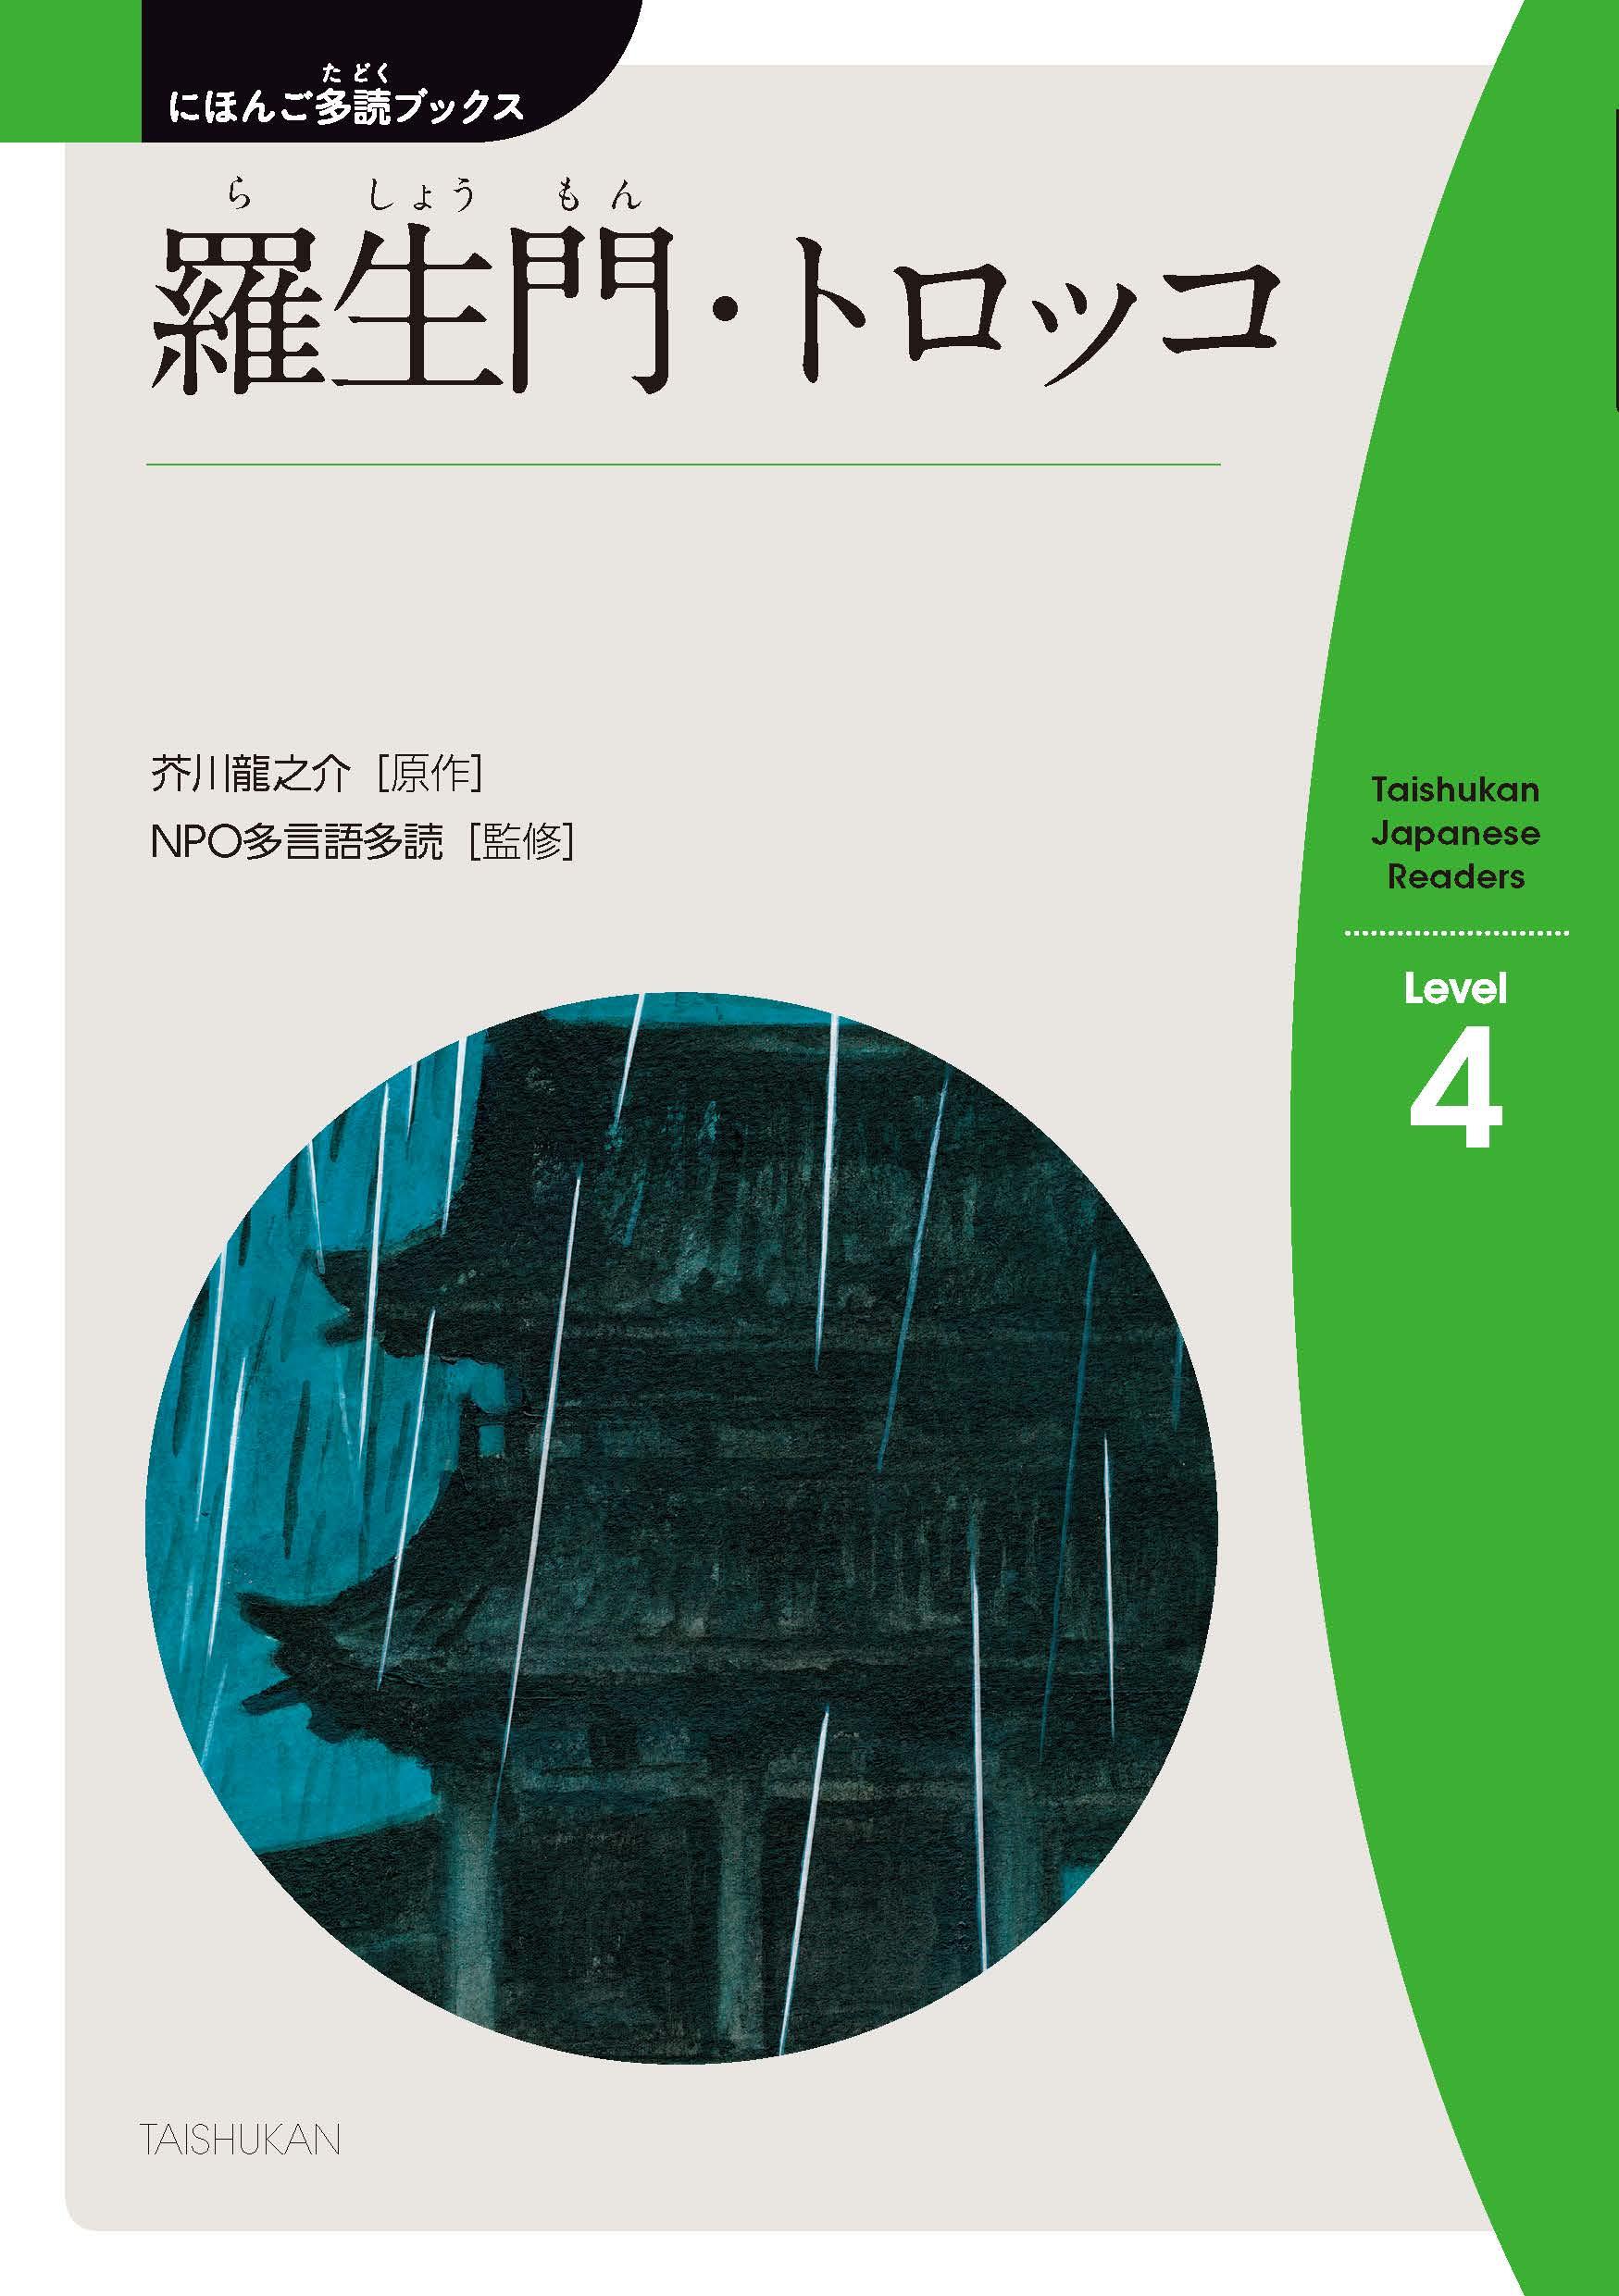 6-1 羅生門(らしょうもん)/トロッコ The Great Gate of Rasho / The Railway Truck